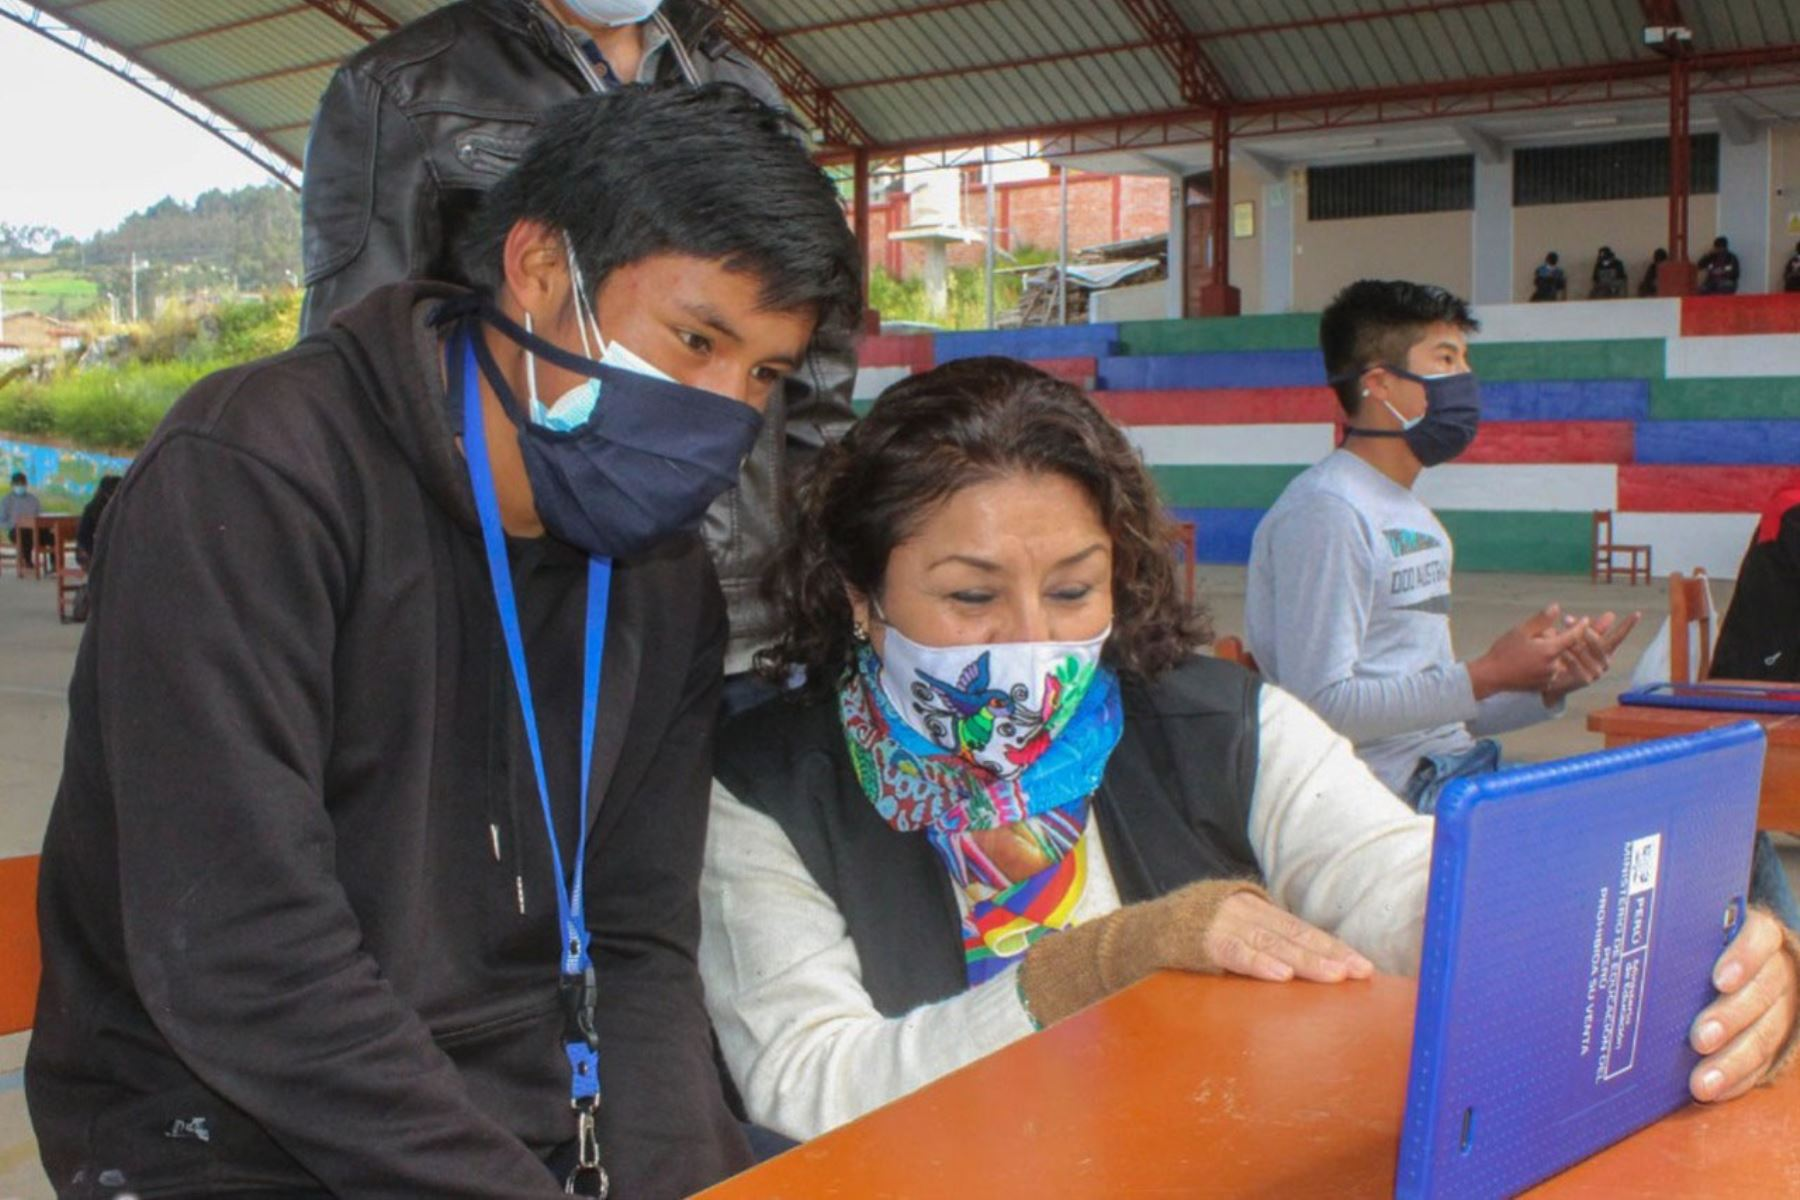 Los días 6 y 7 de julio se prevé aplicar la primera dosis de la vacuna contra la covid-19 a un total de 3,707 maestros rurales. Foto: ANDINA/Difusión